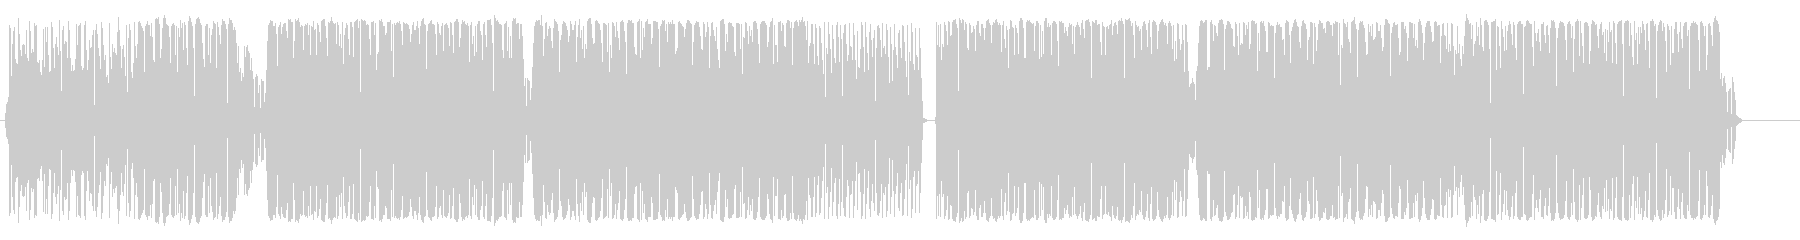 Bouncy, cheerful, ukulele, whistling's unreproduced waveform